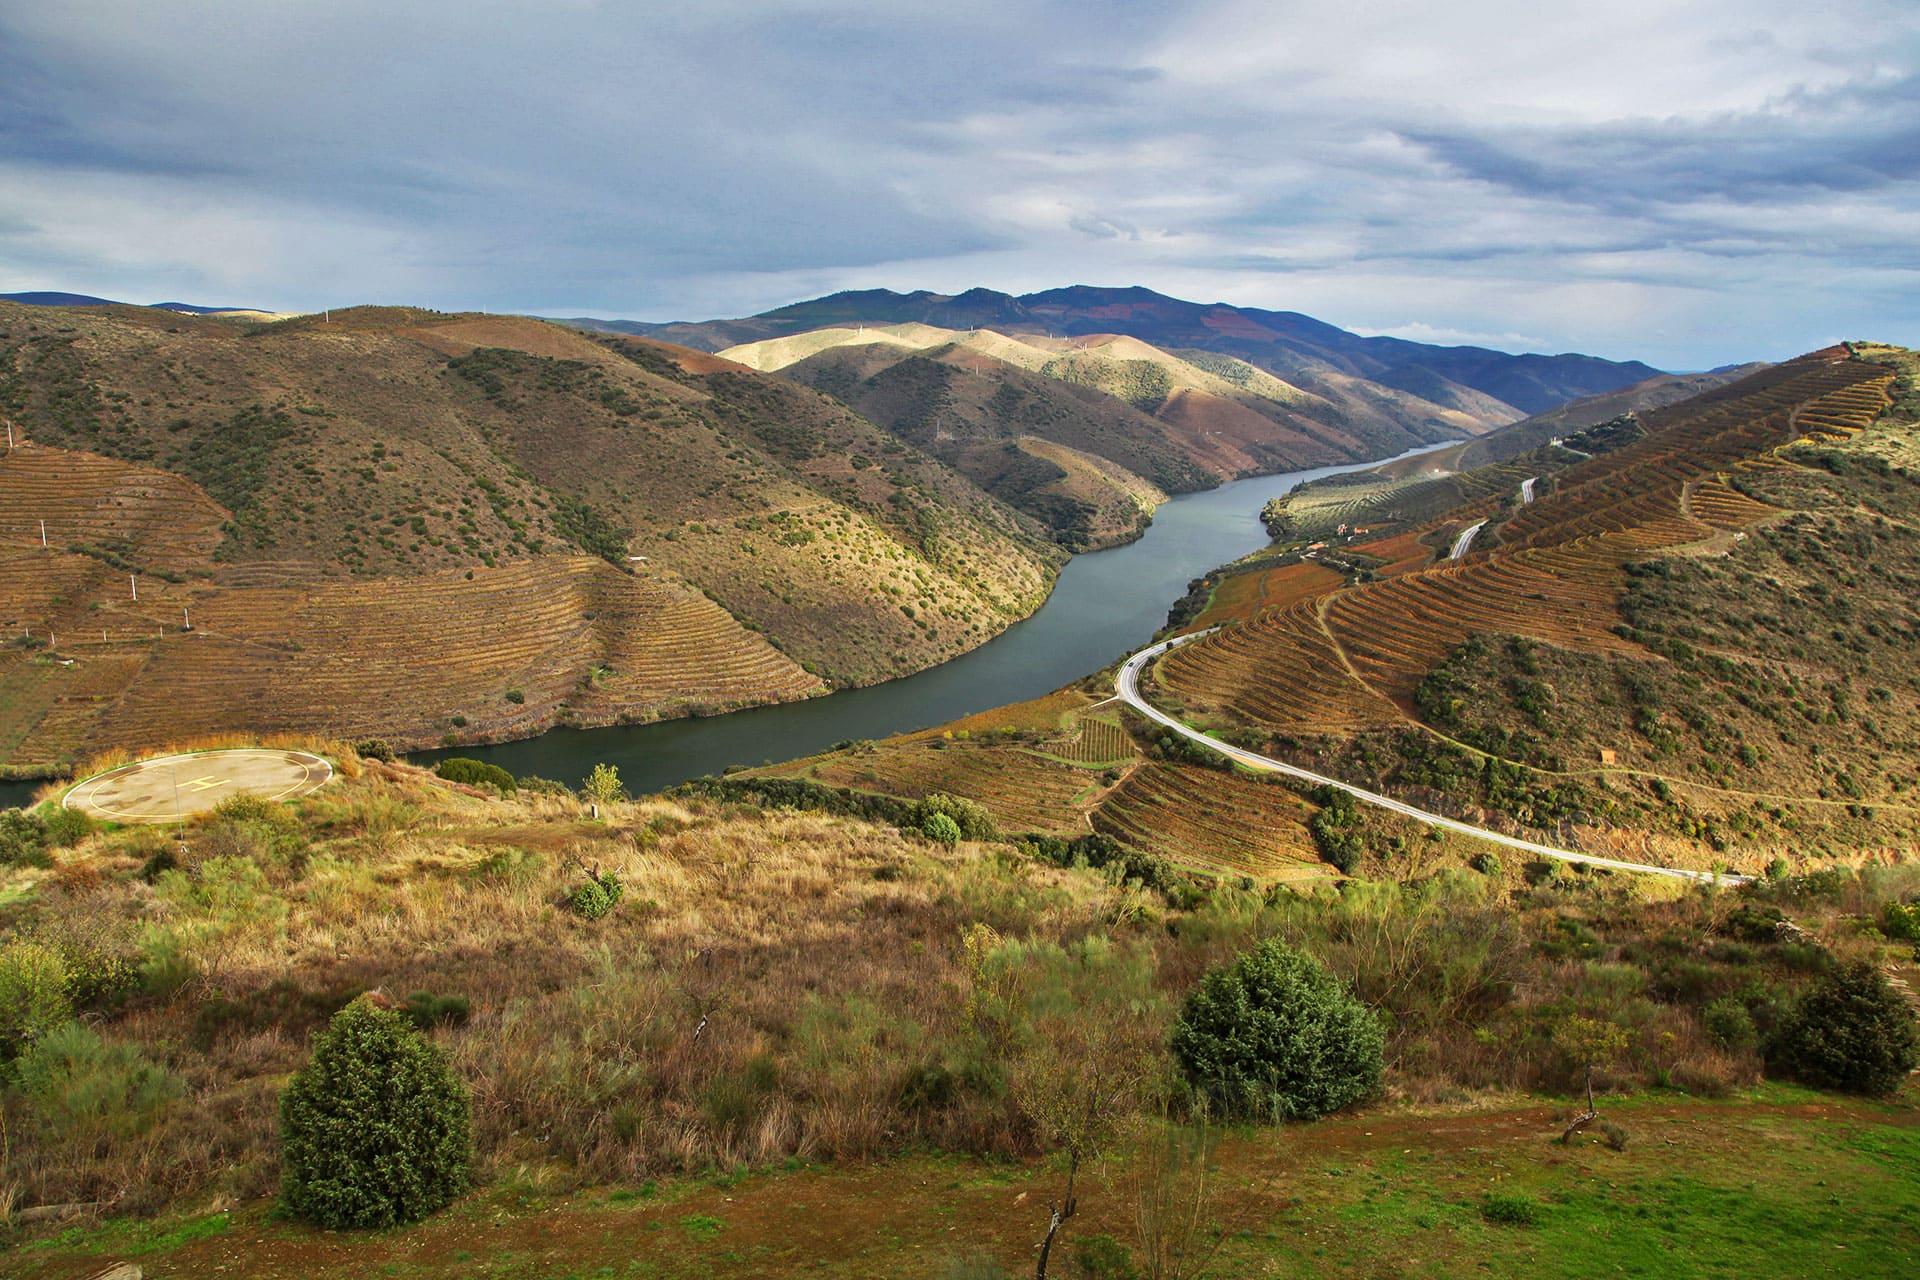 Mooiste plekken in Europa 2020 Portugal